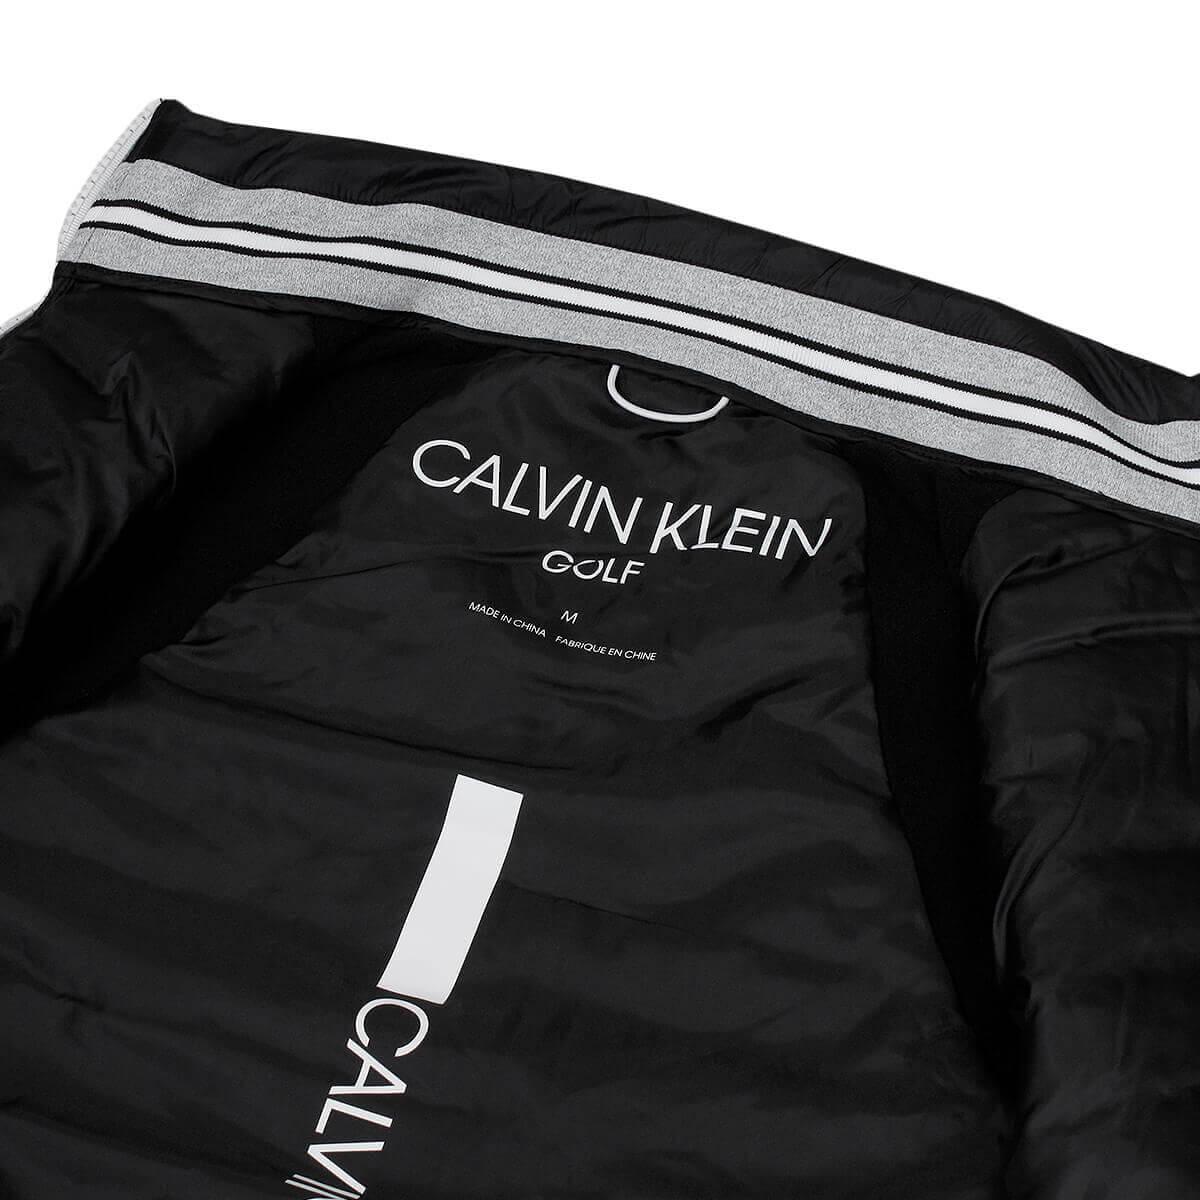 Calvin-Klein-Mens-2020-CK-Hybrid-Insulate-Lightweight-Jacket-35-OFF-RRP thumbnail 4